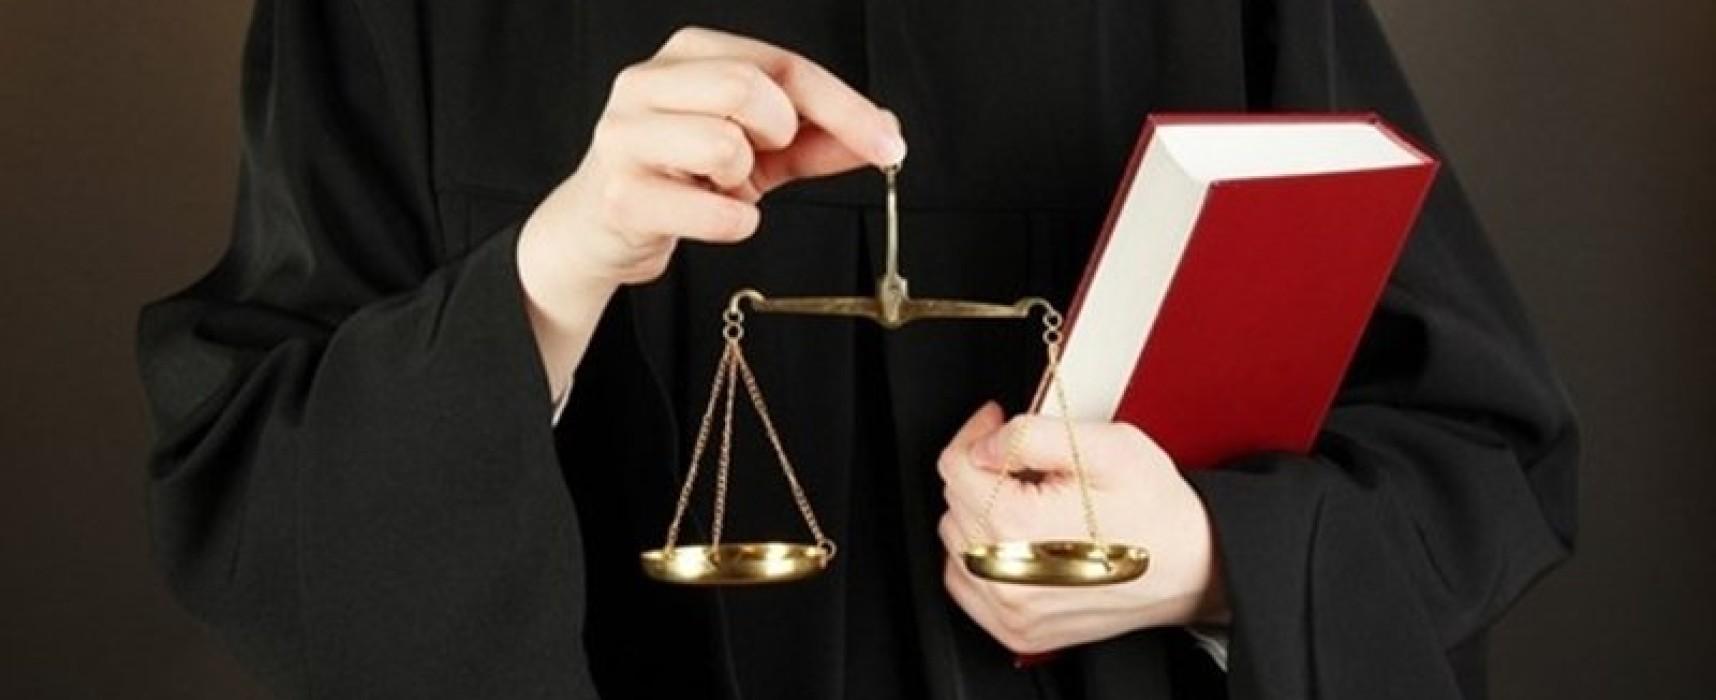 Обращение в судебные инстанции для обжалования действий представителей инспекции по труду